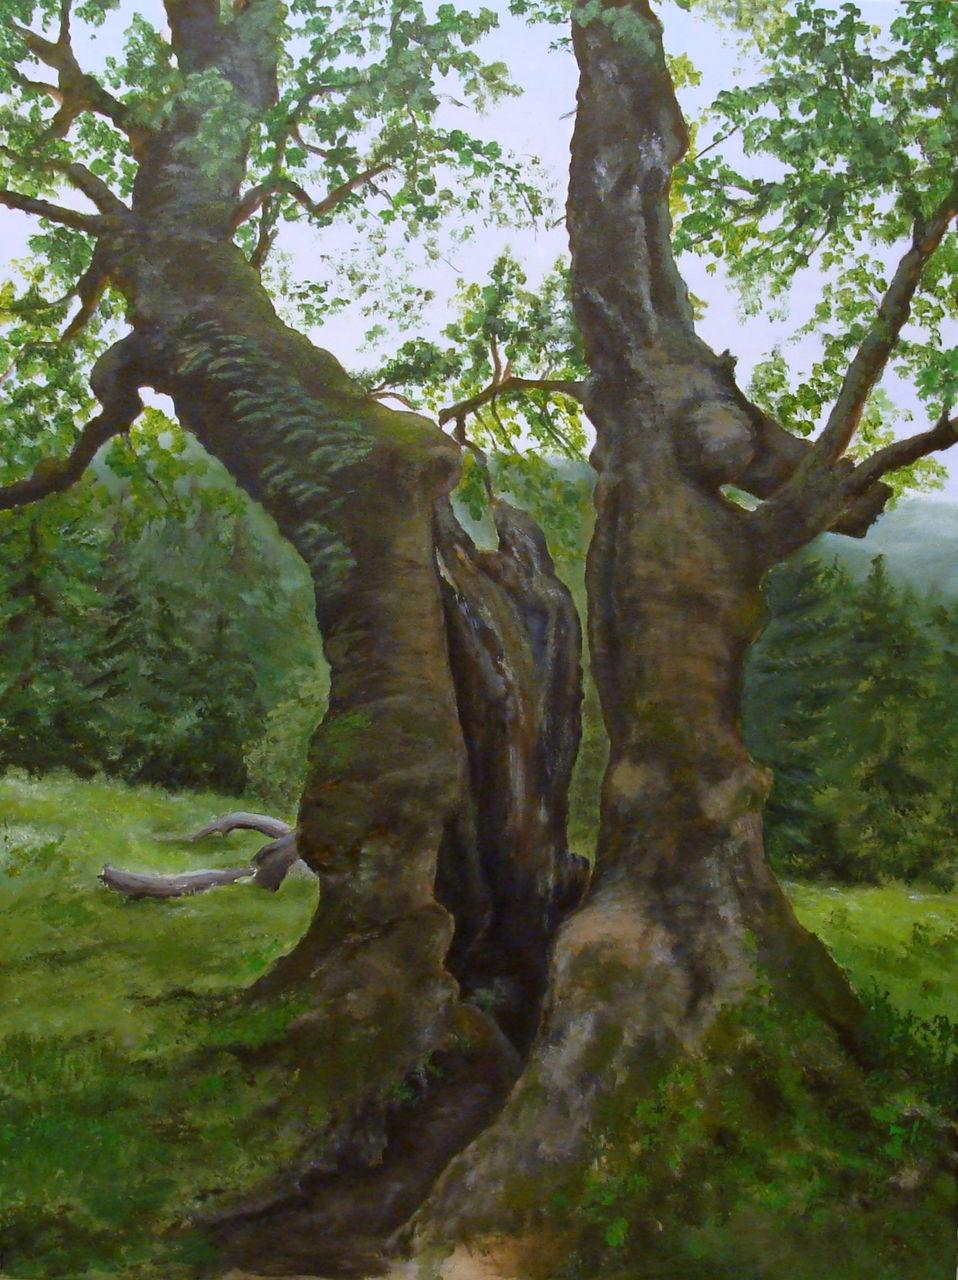 Bilder Bäume Gemalt : alter baum natur landschaft acrylmalerei baum von zavira bei kunstnet ~ Orissabook.com Haus und Dekorationen